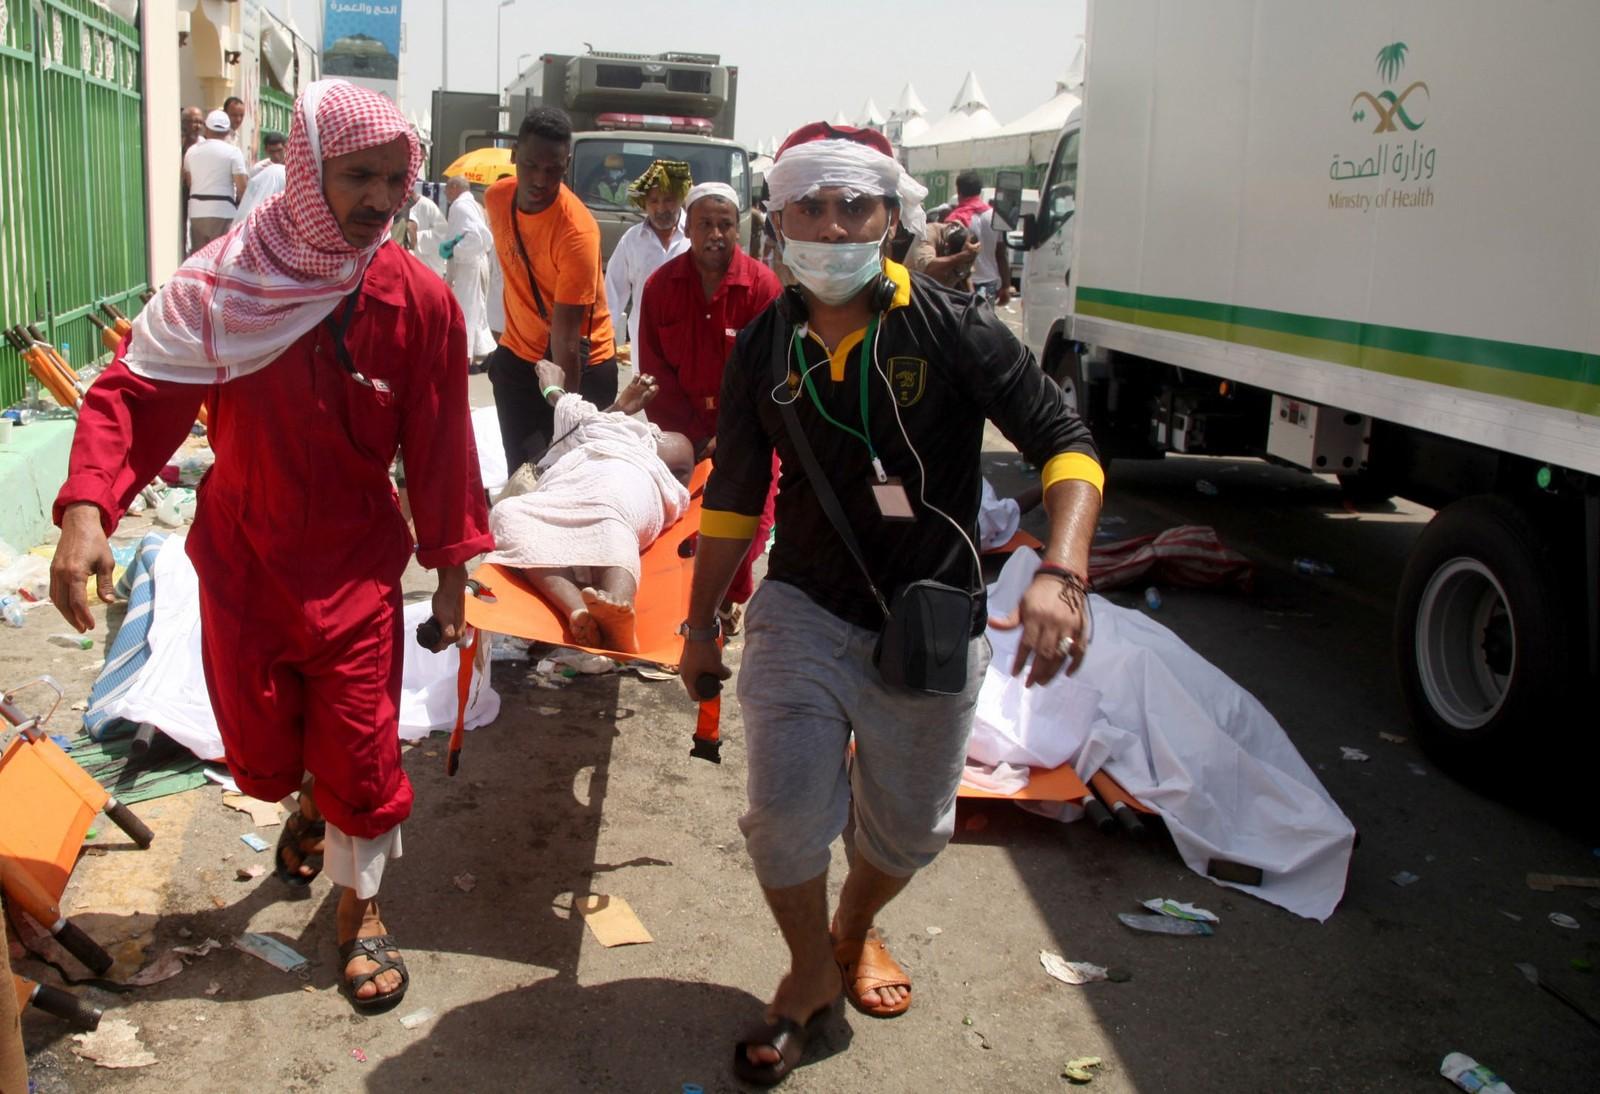 Redningspersonell frakter en skadet person bort på båre.